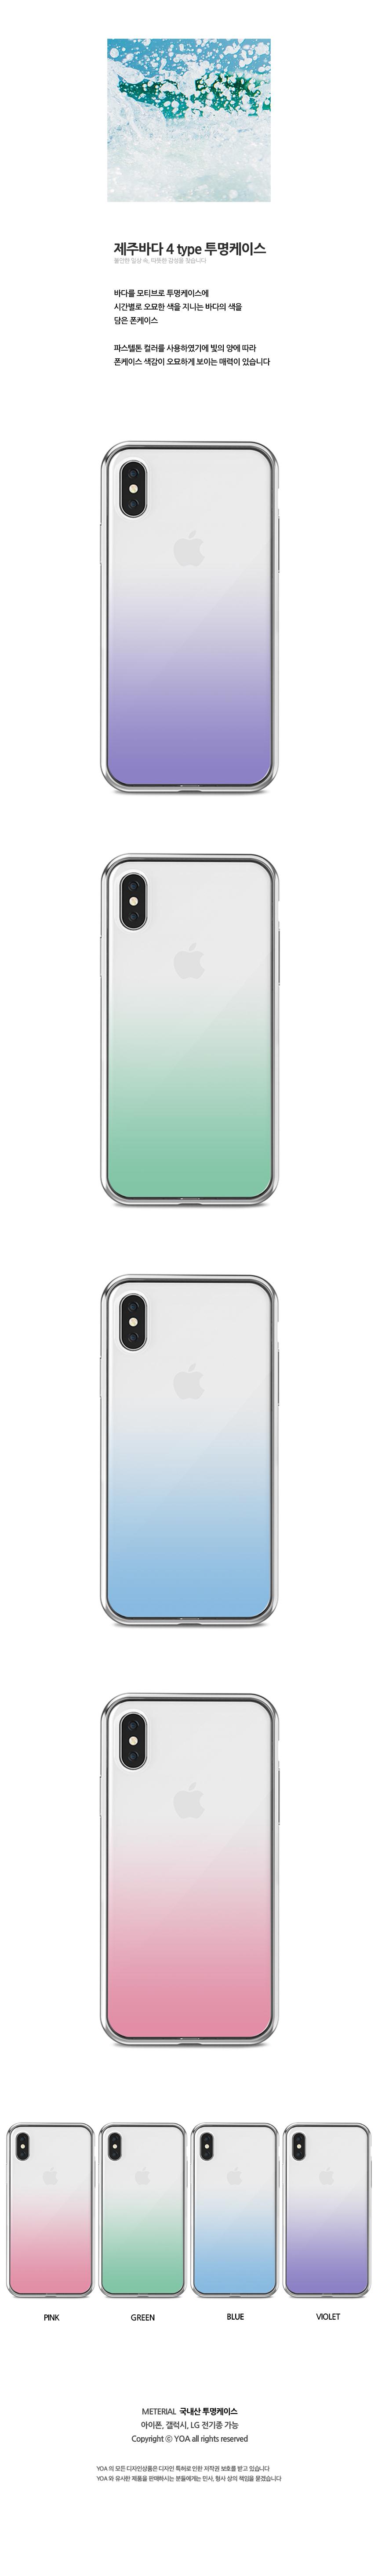 아이폰XS MAX XR X 8 7 6S 플러스 바다 투명 젤리 케이스 - 요아, 18,900원, 케이스, 아이폰X